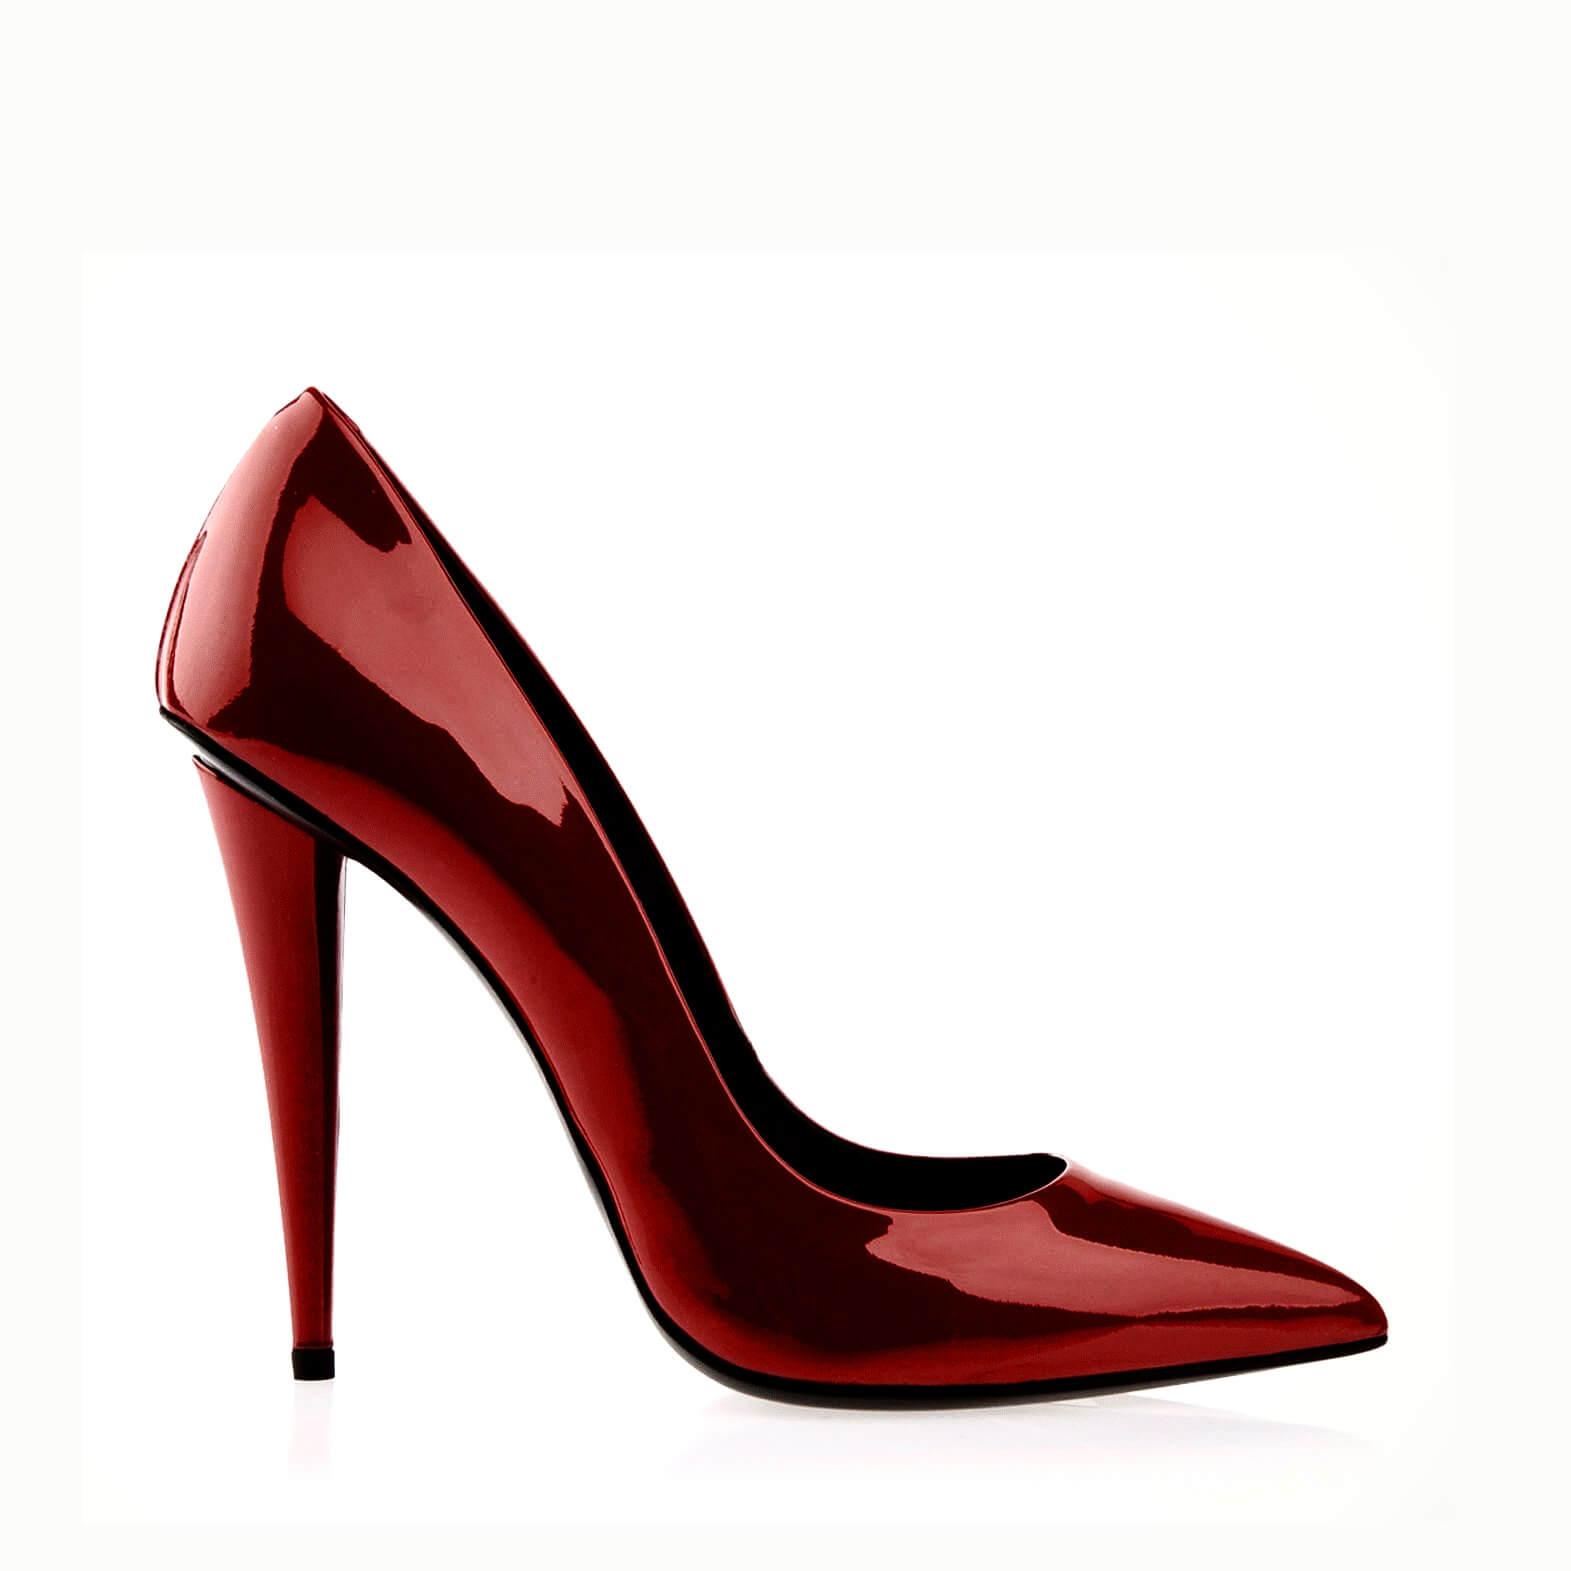 ношение неудобной обуви причина воспалений пальца